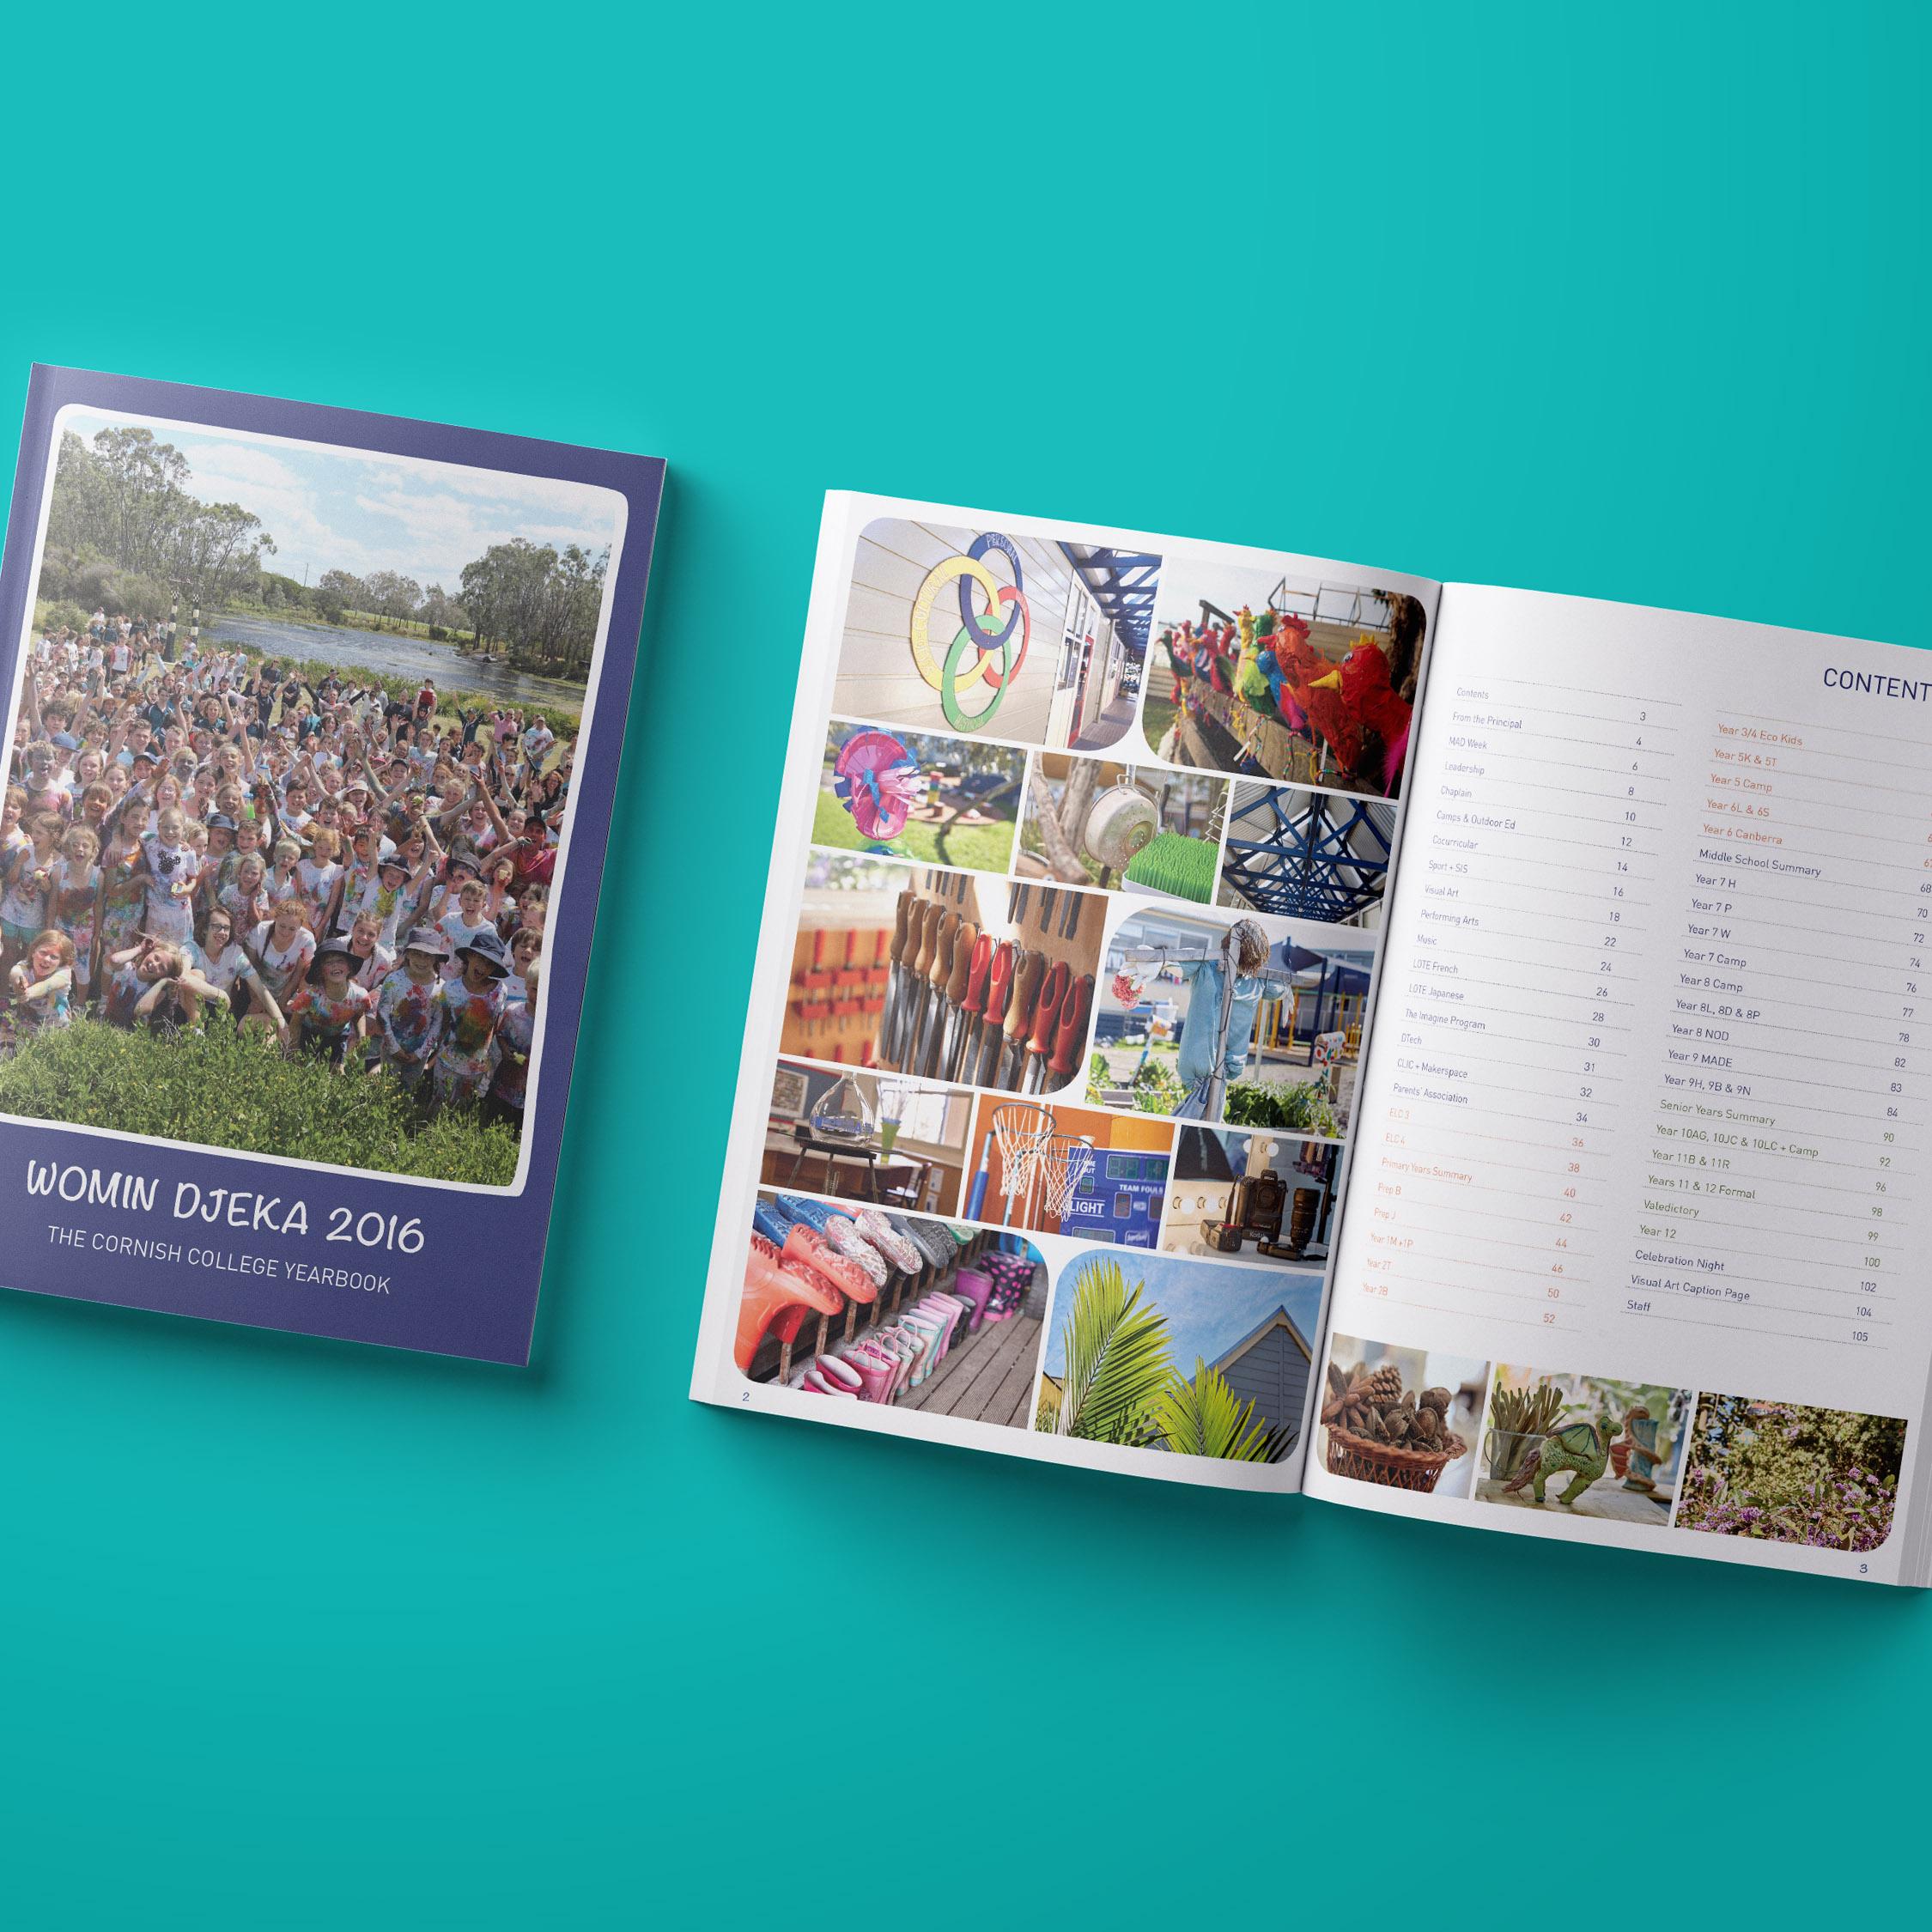 Womin Djeka - Cornish College 2016 Yearbook Design